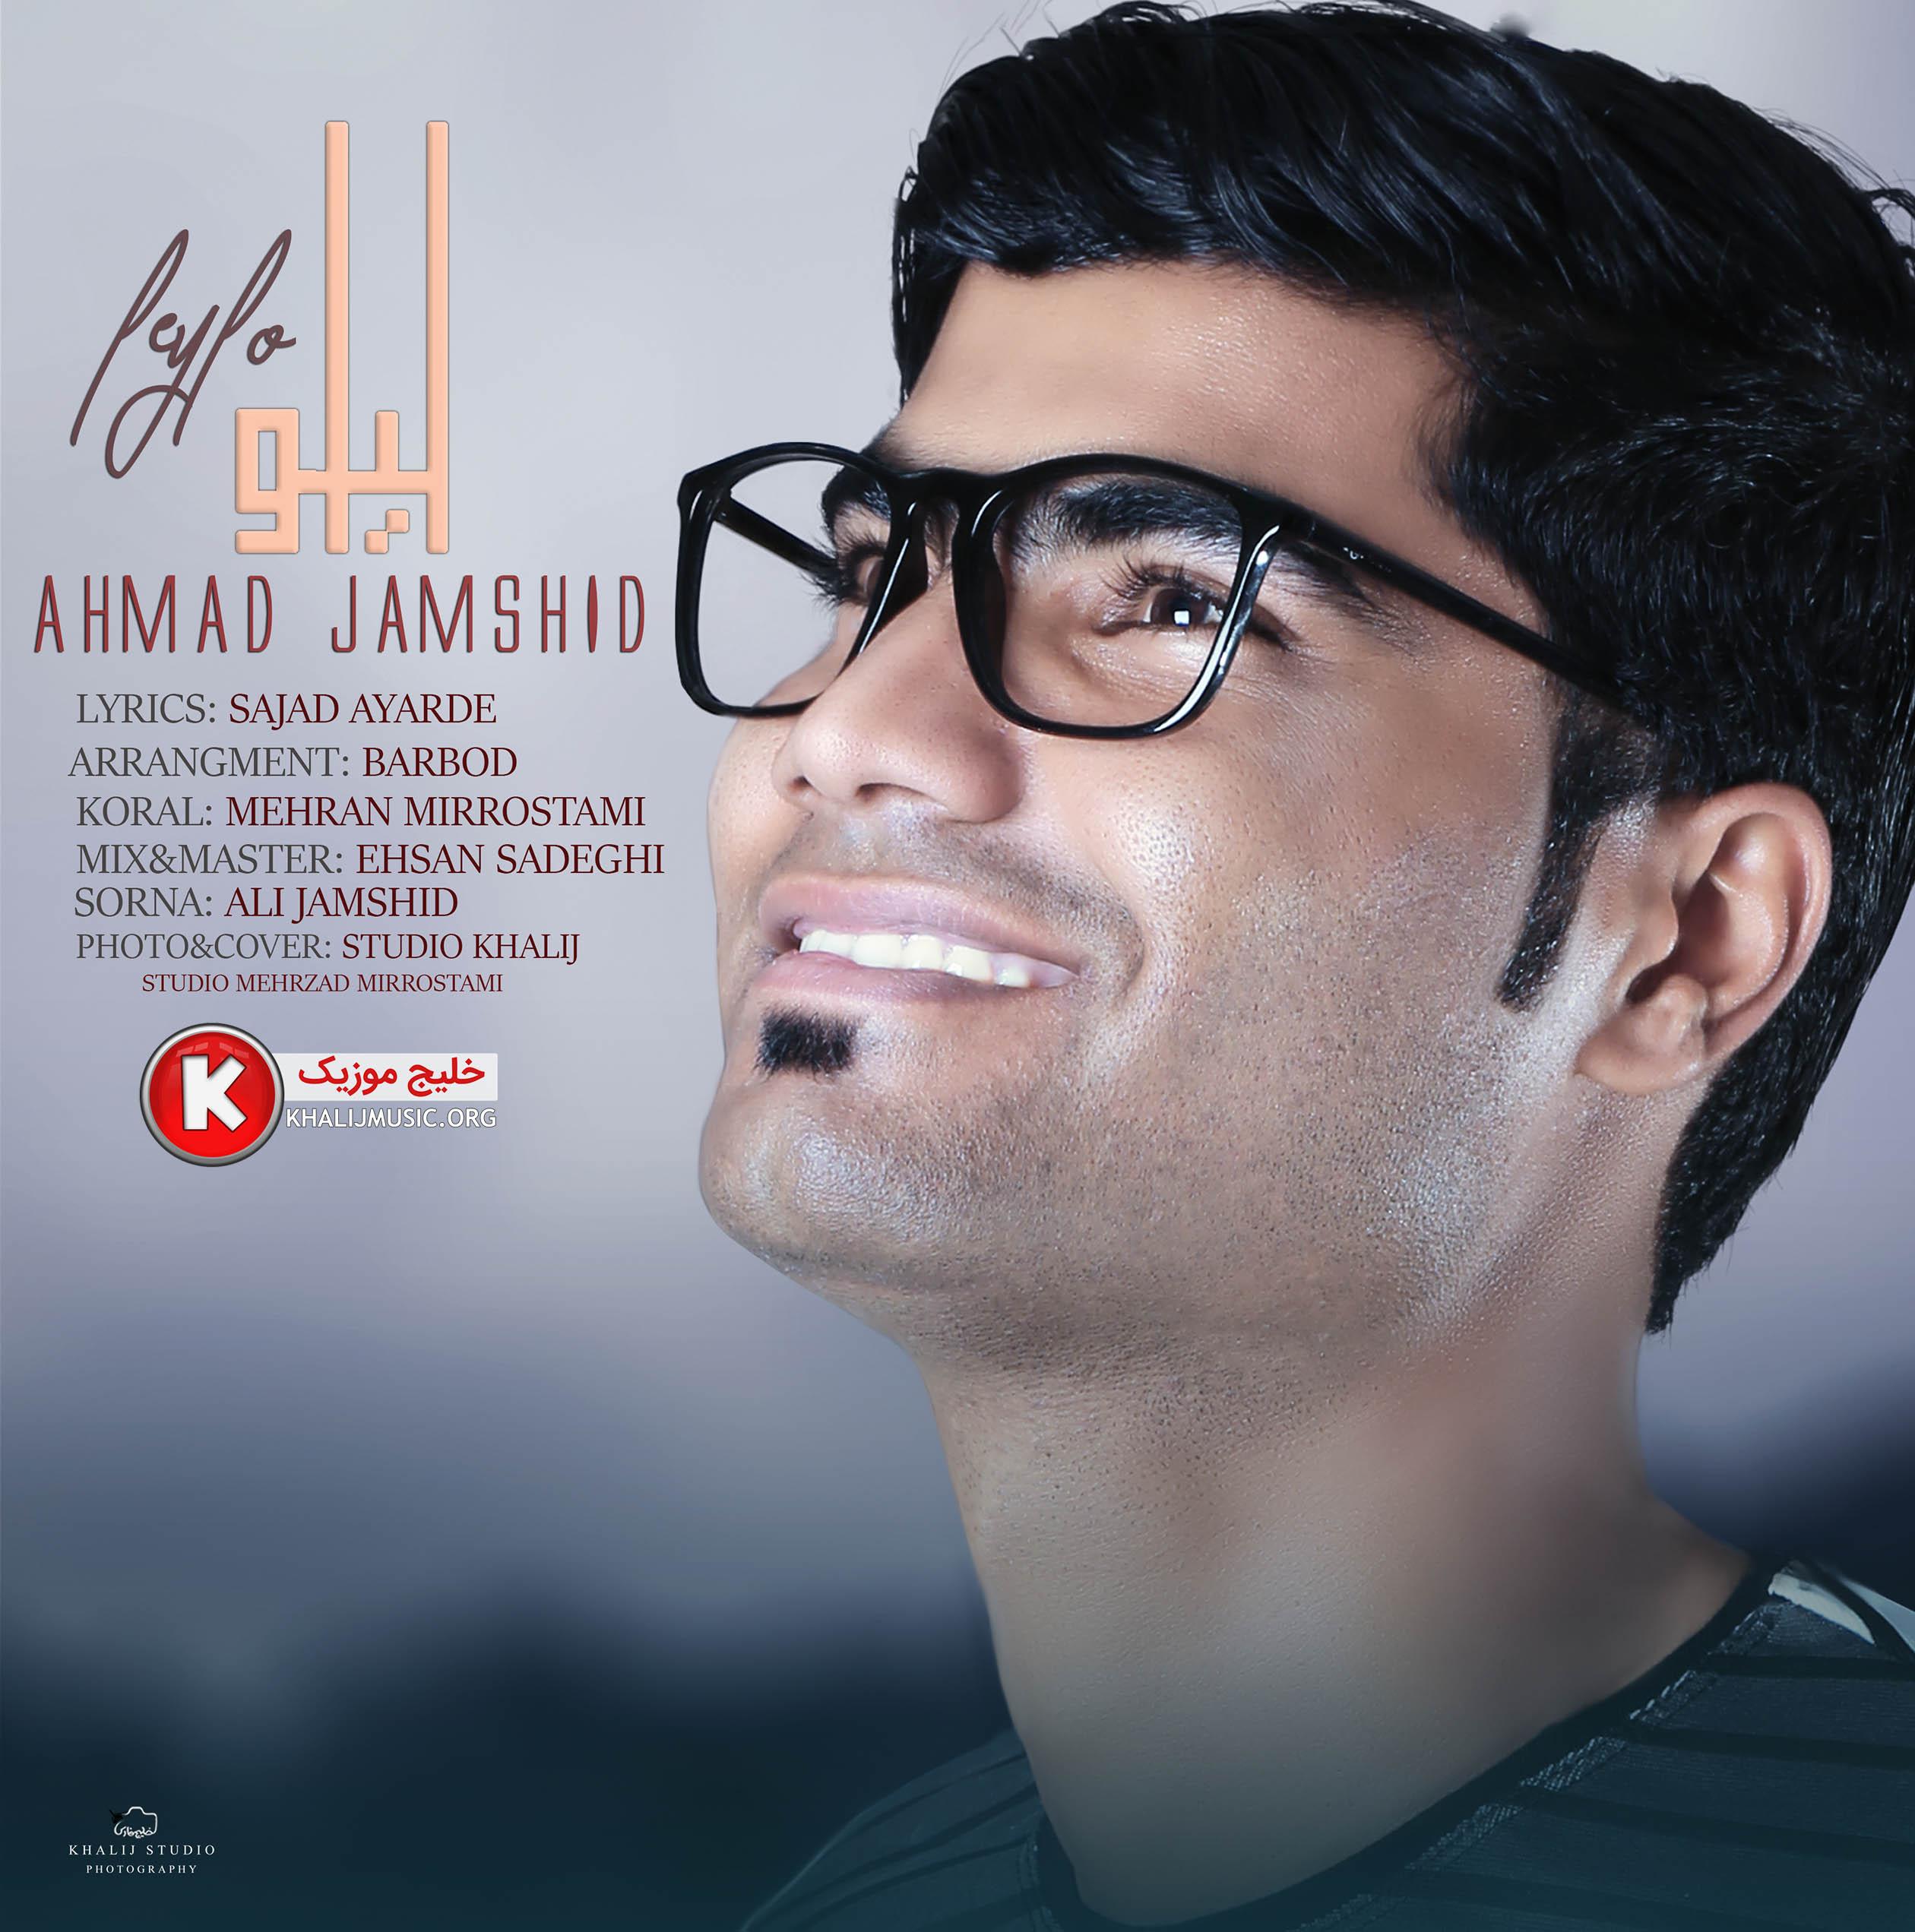 احمد جمشید آهنگ جدید و بسیار زیبا و شنیدنی بنام لیلو